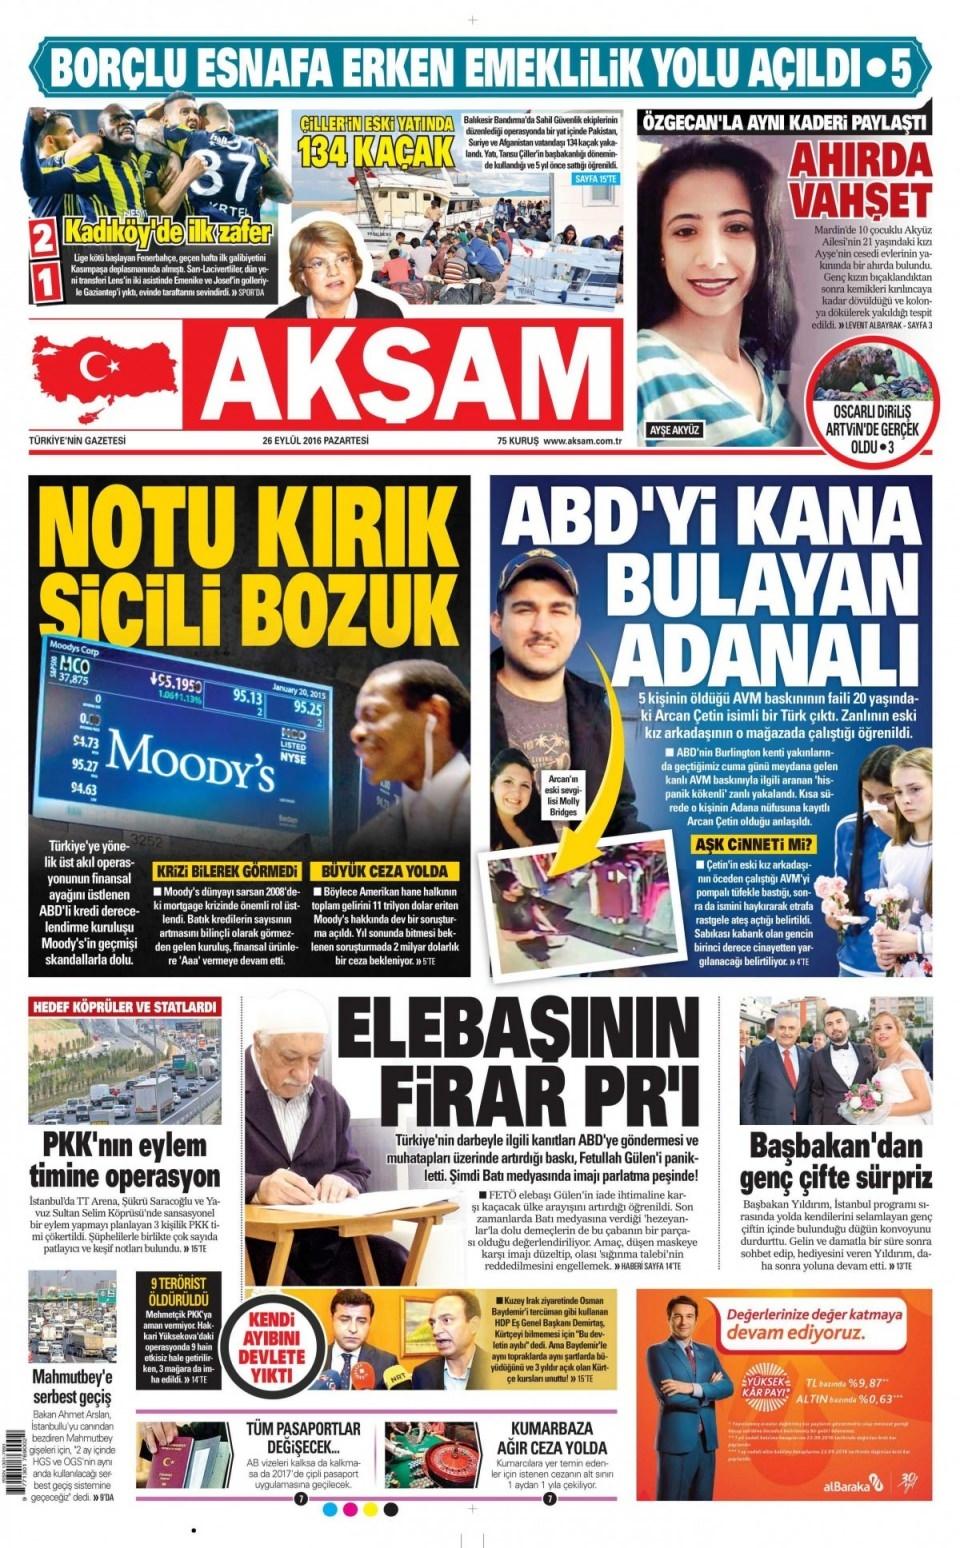 26 Eylül Pazartesi gazete manşetleri 9